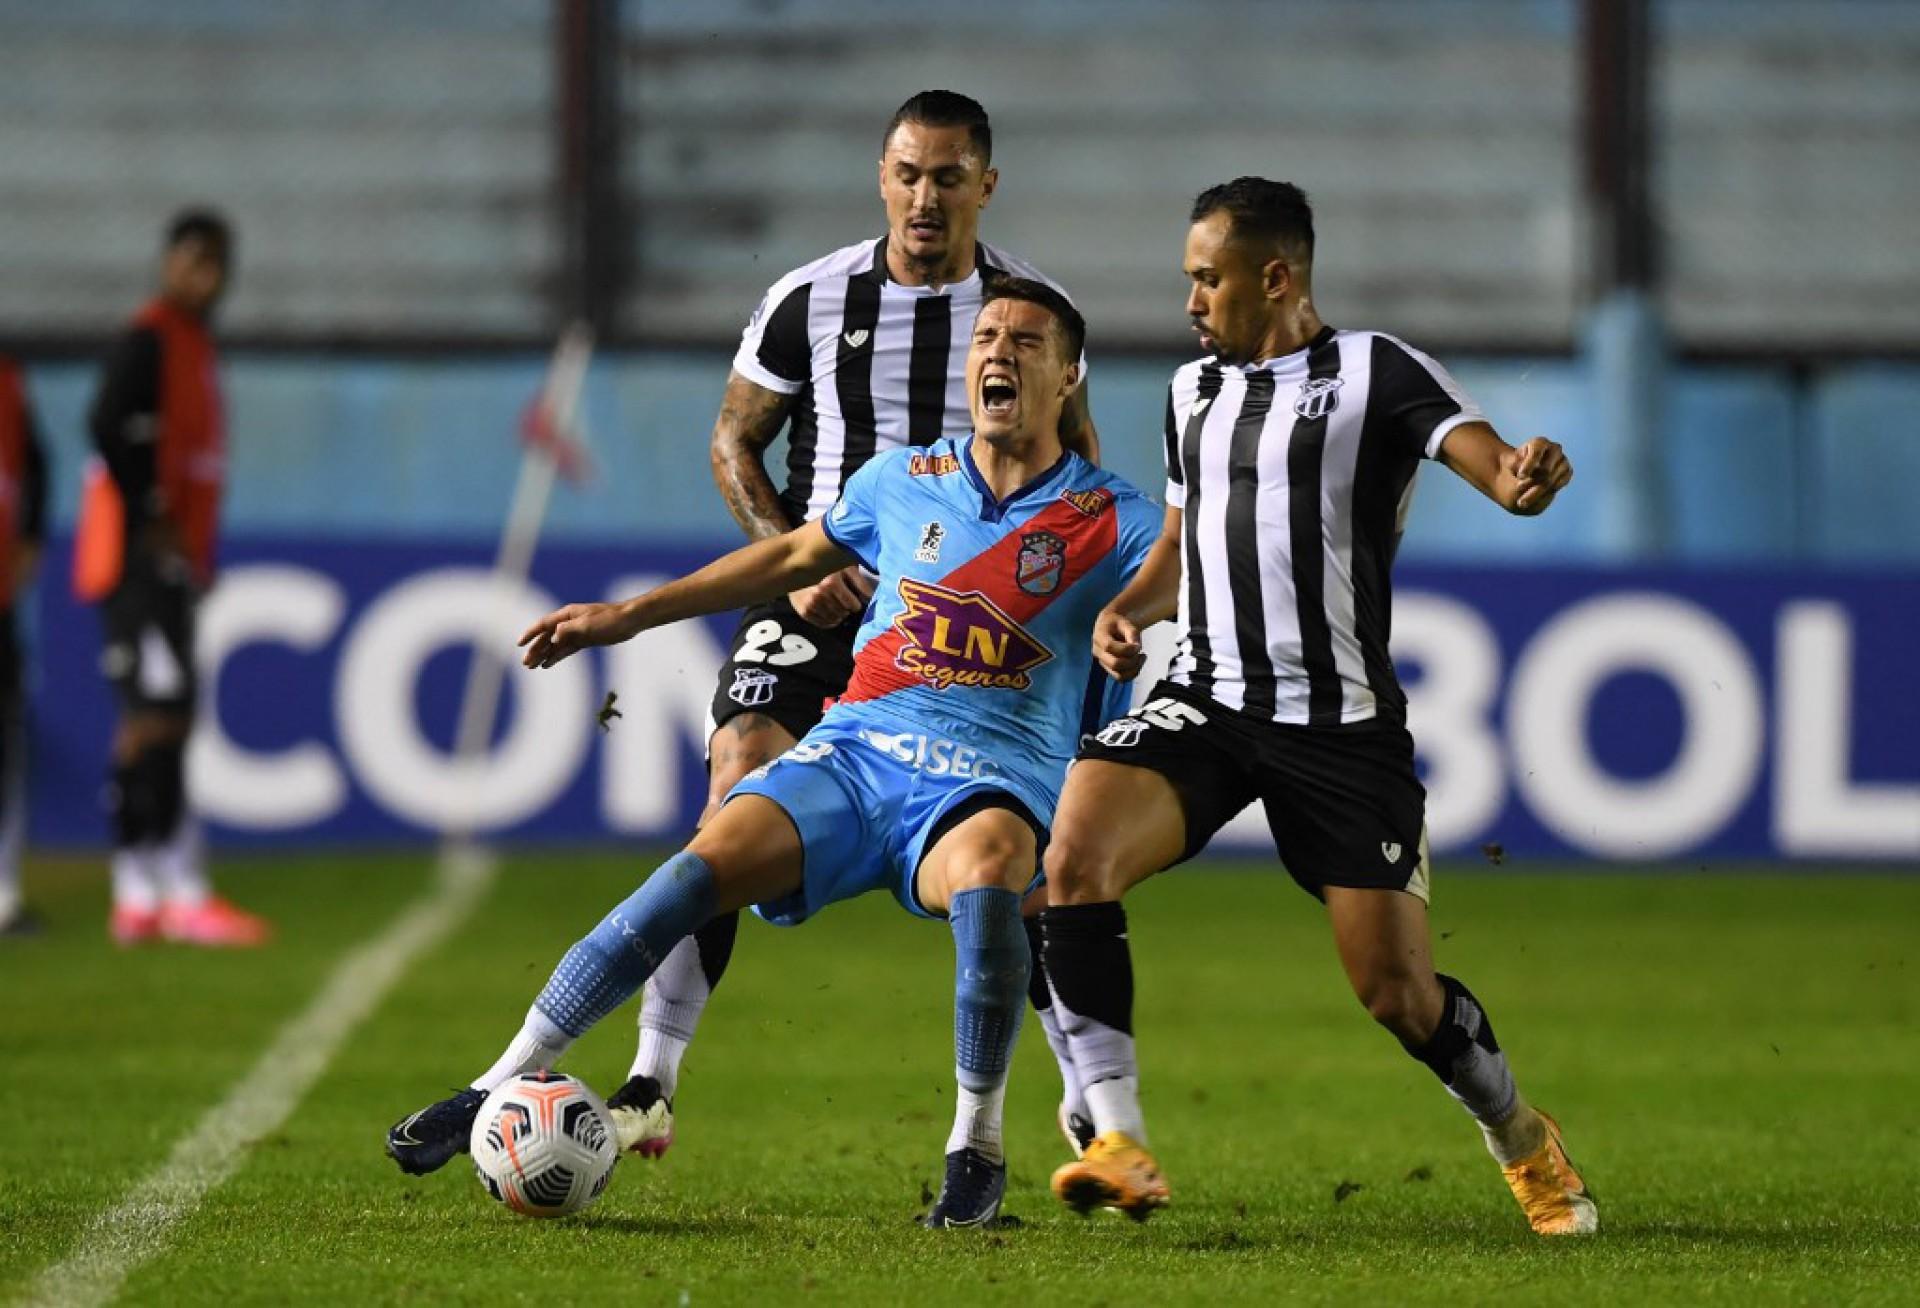 Na Argentina, Ceará empata com Arsenal de Sarandí pela Copa Sul-Americana |  Ceará Sporting Club | Time - Notícias | Esportes O POVO